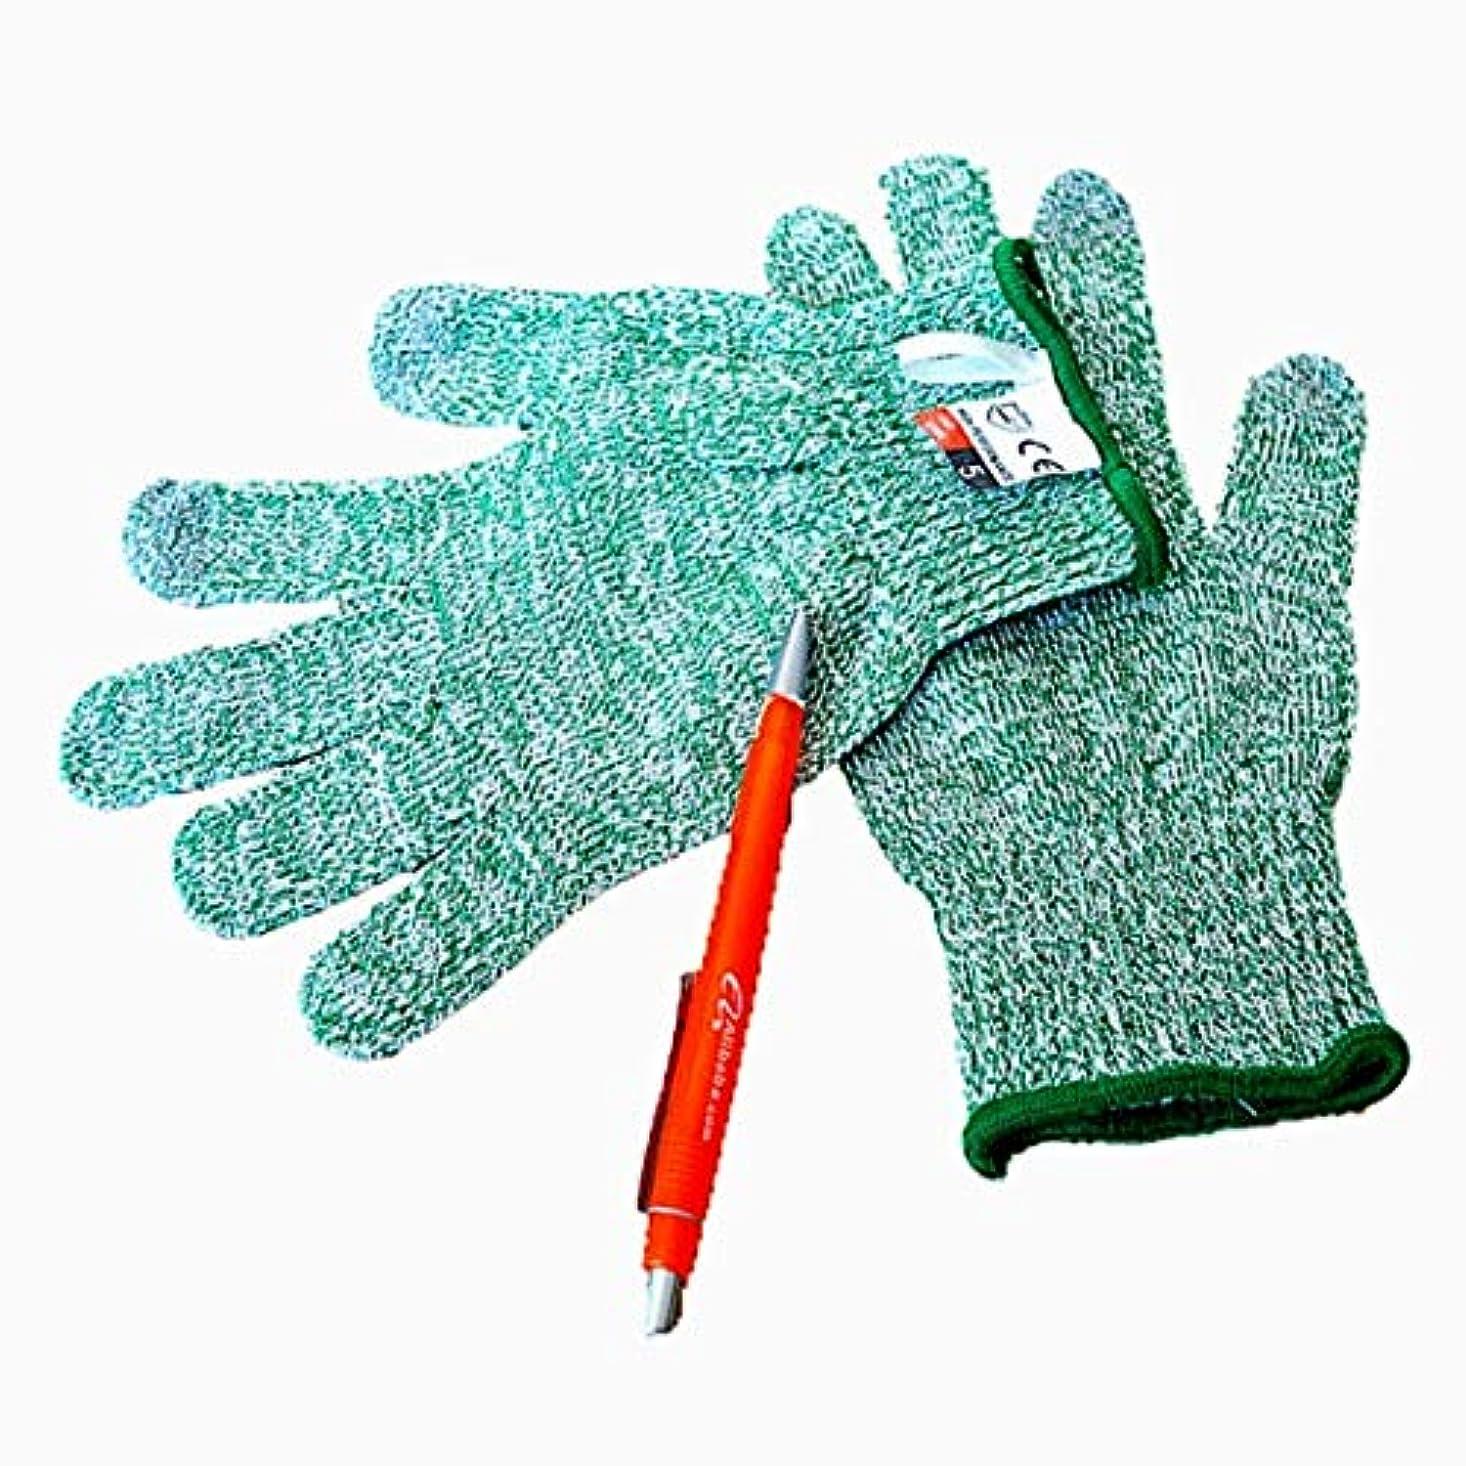 兄サージ美しいJOYS CLOTHING カッティング防止手袋、安全性工業用手袋